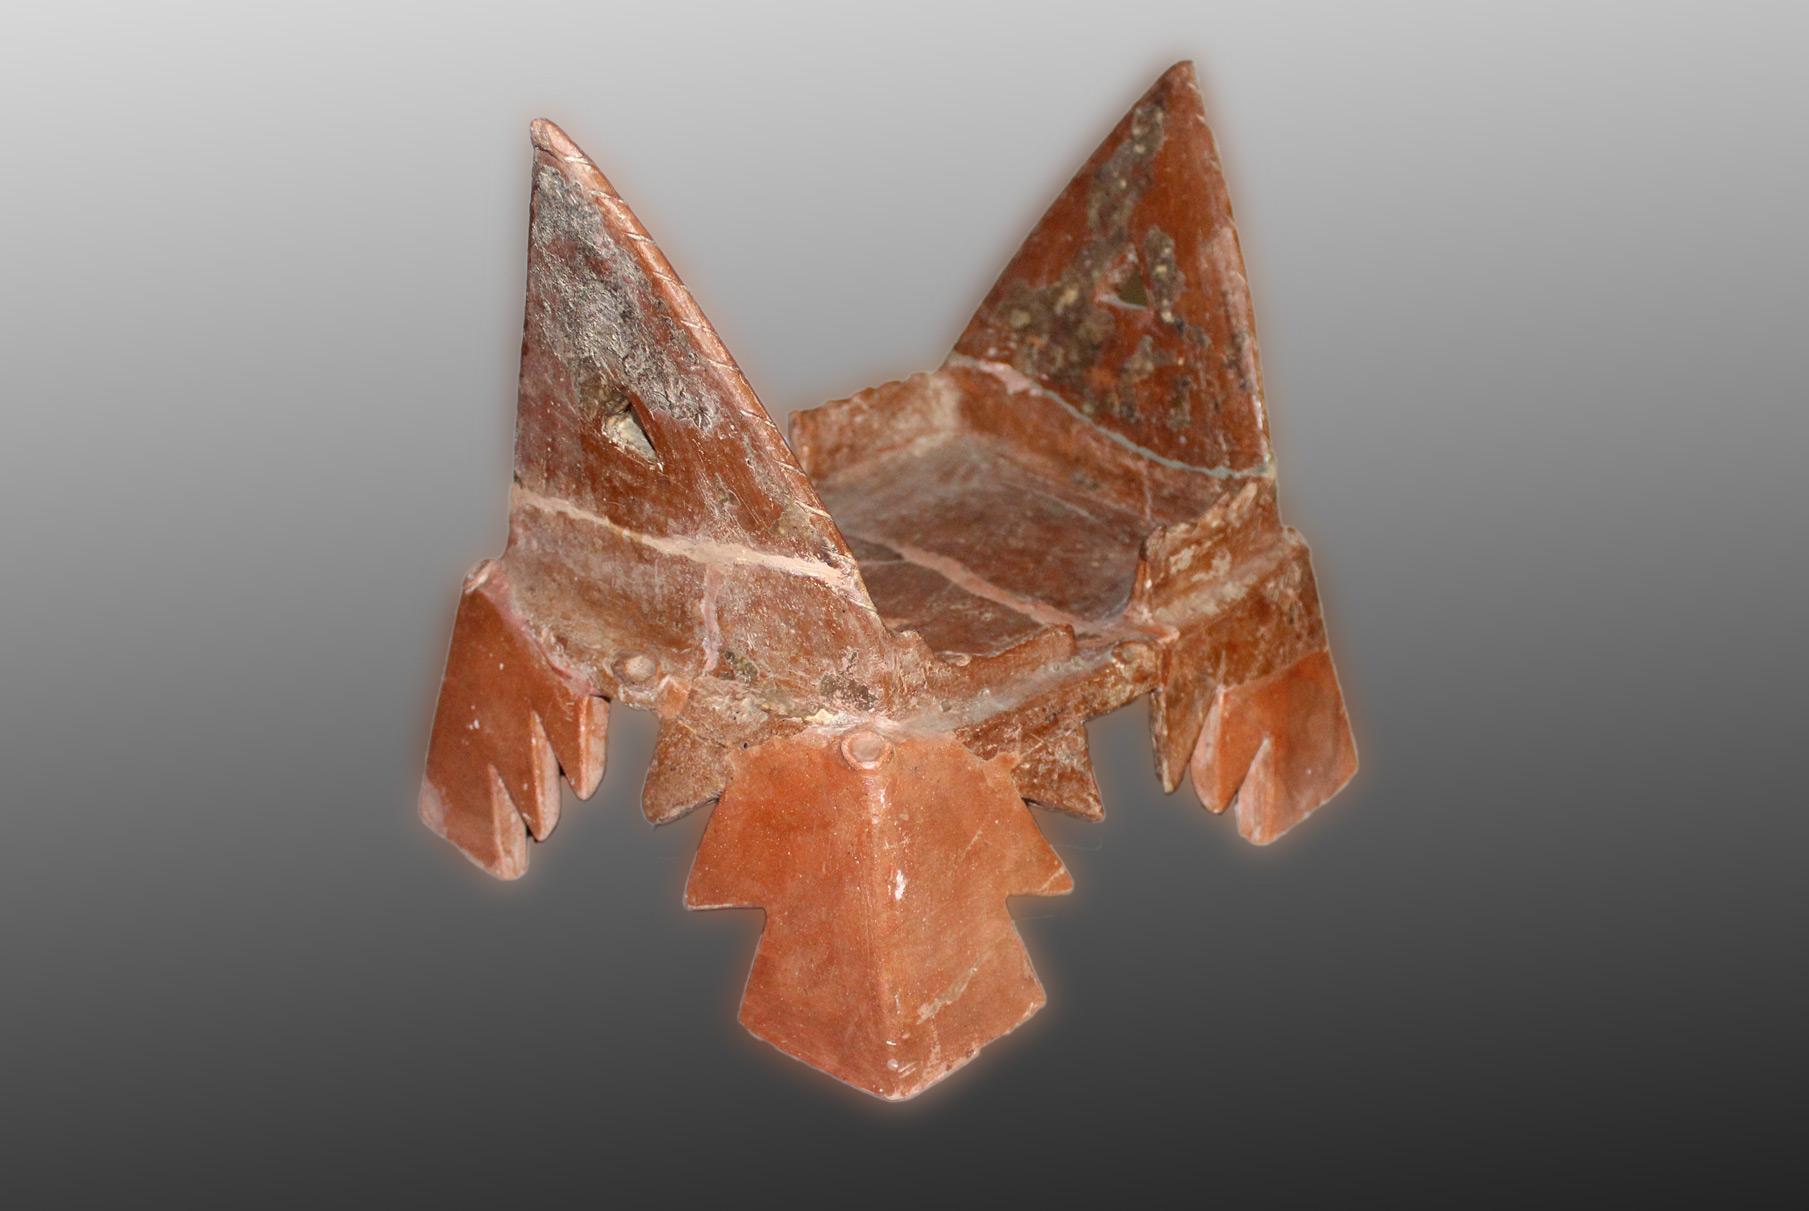 Жртвеник, керамички модел на куќа – среден неолит/ 5800-5200 год.п.н.е